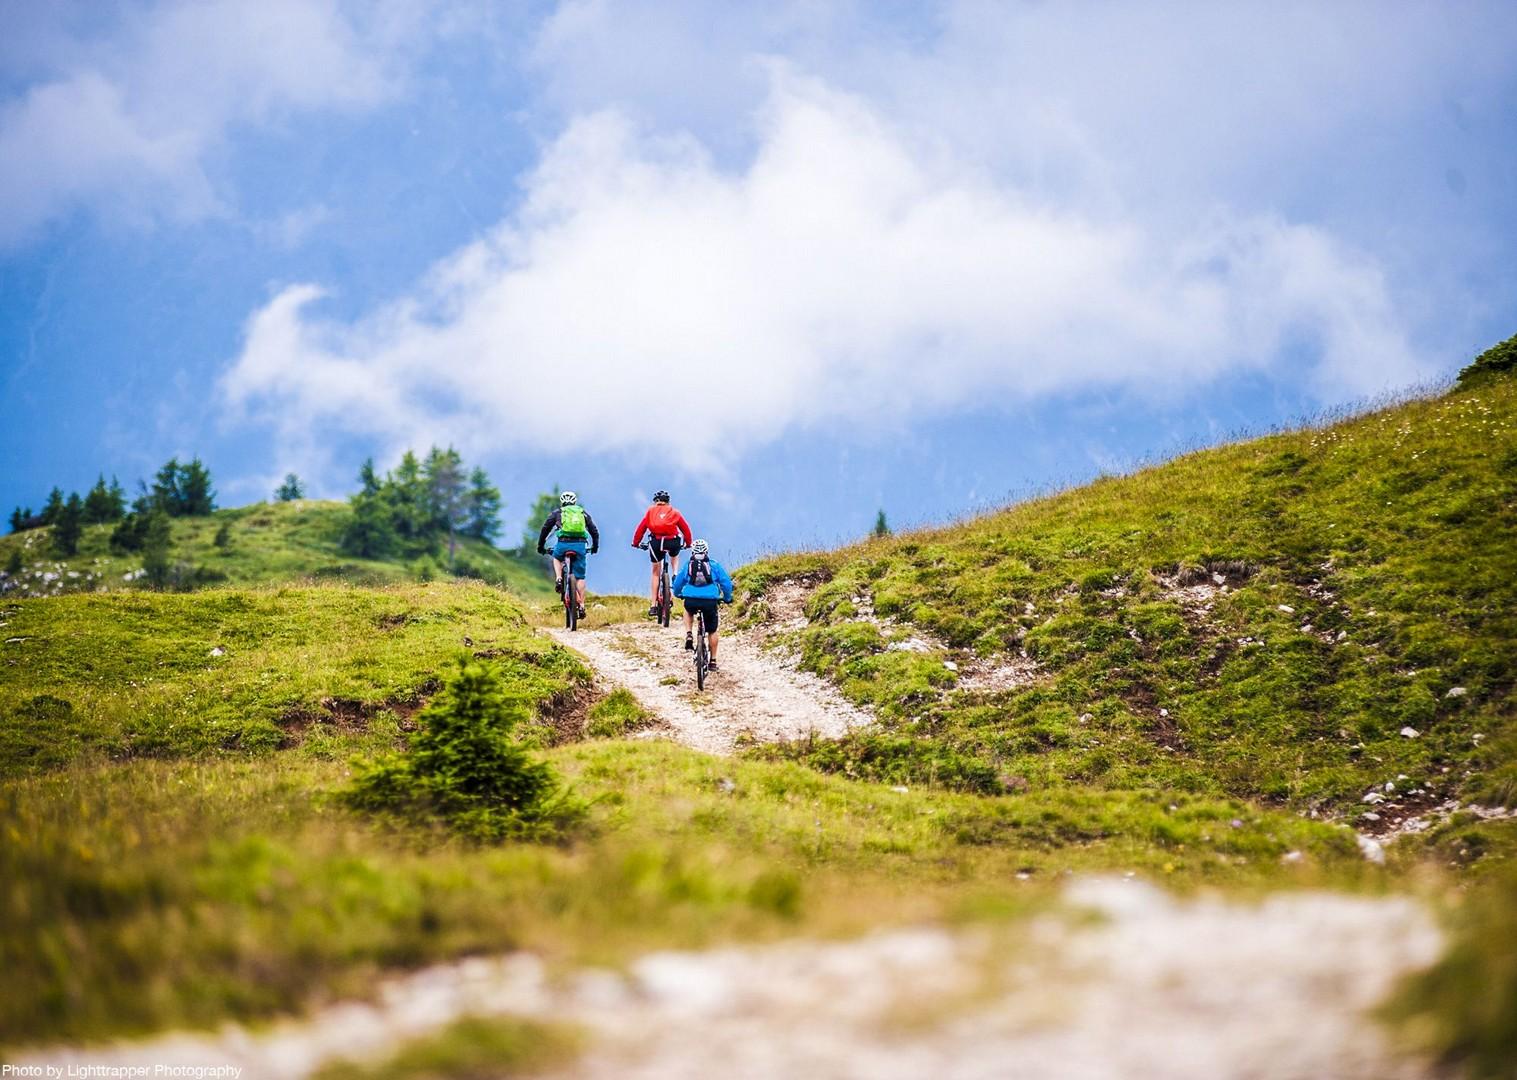 saddle_skedaddle_italy_2017_day6_brenta_dolomites_200-2.jpg - Italy - Dolomites of Brenta - Guided Mountain Bike Holiday - Italia Mountain Biking